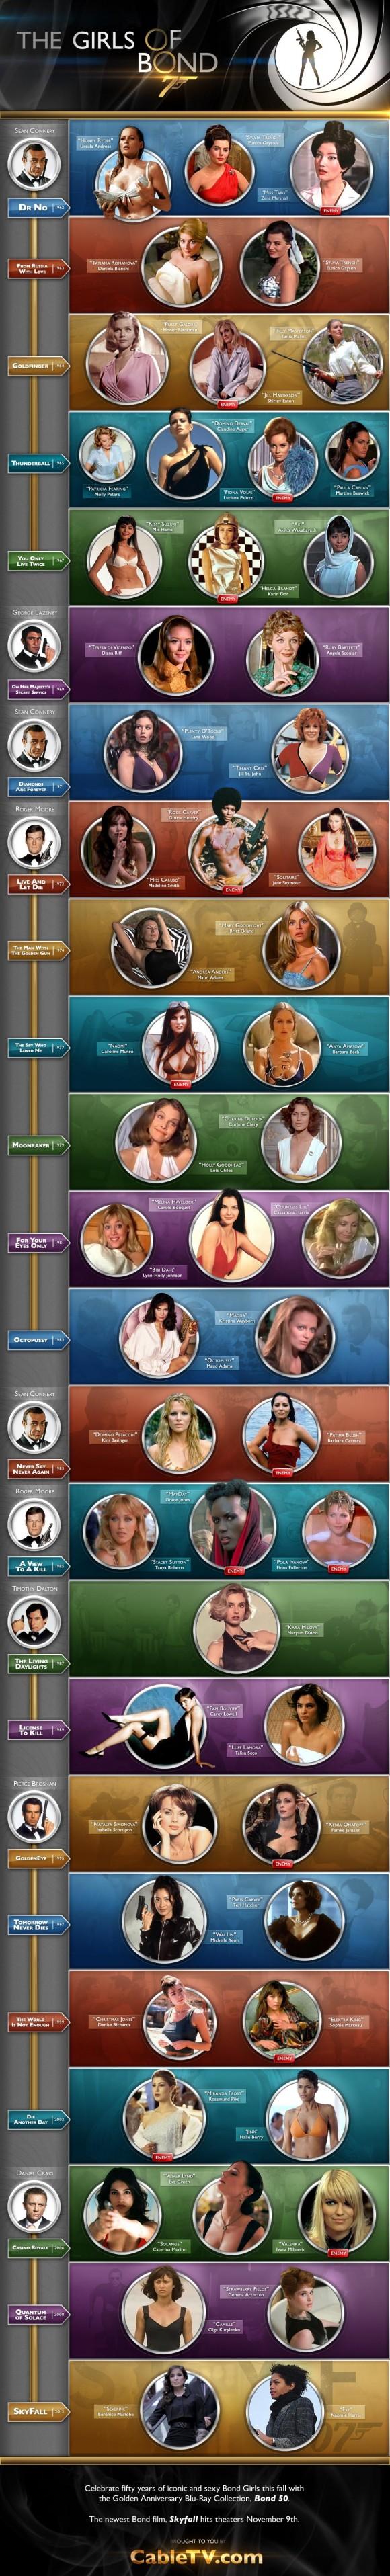 The Girls Of Bond 'Infografik'